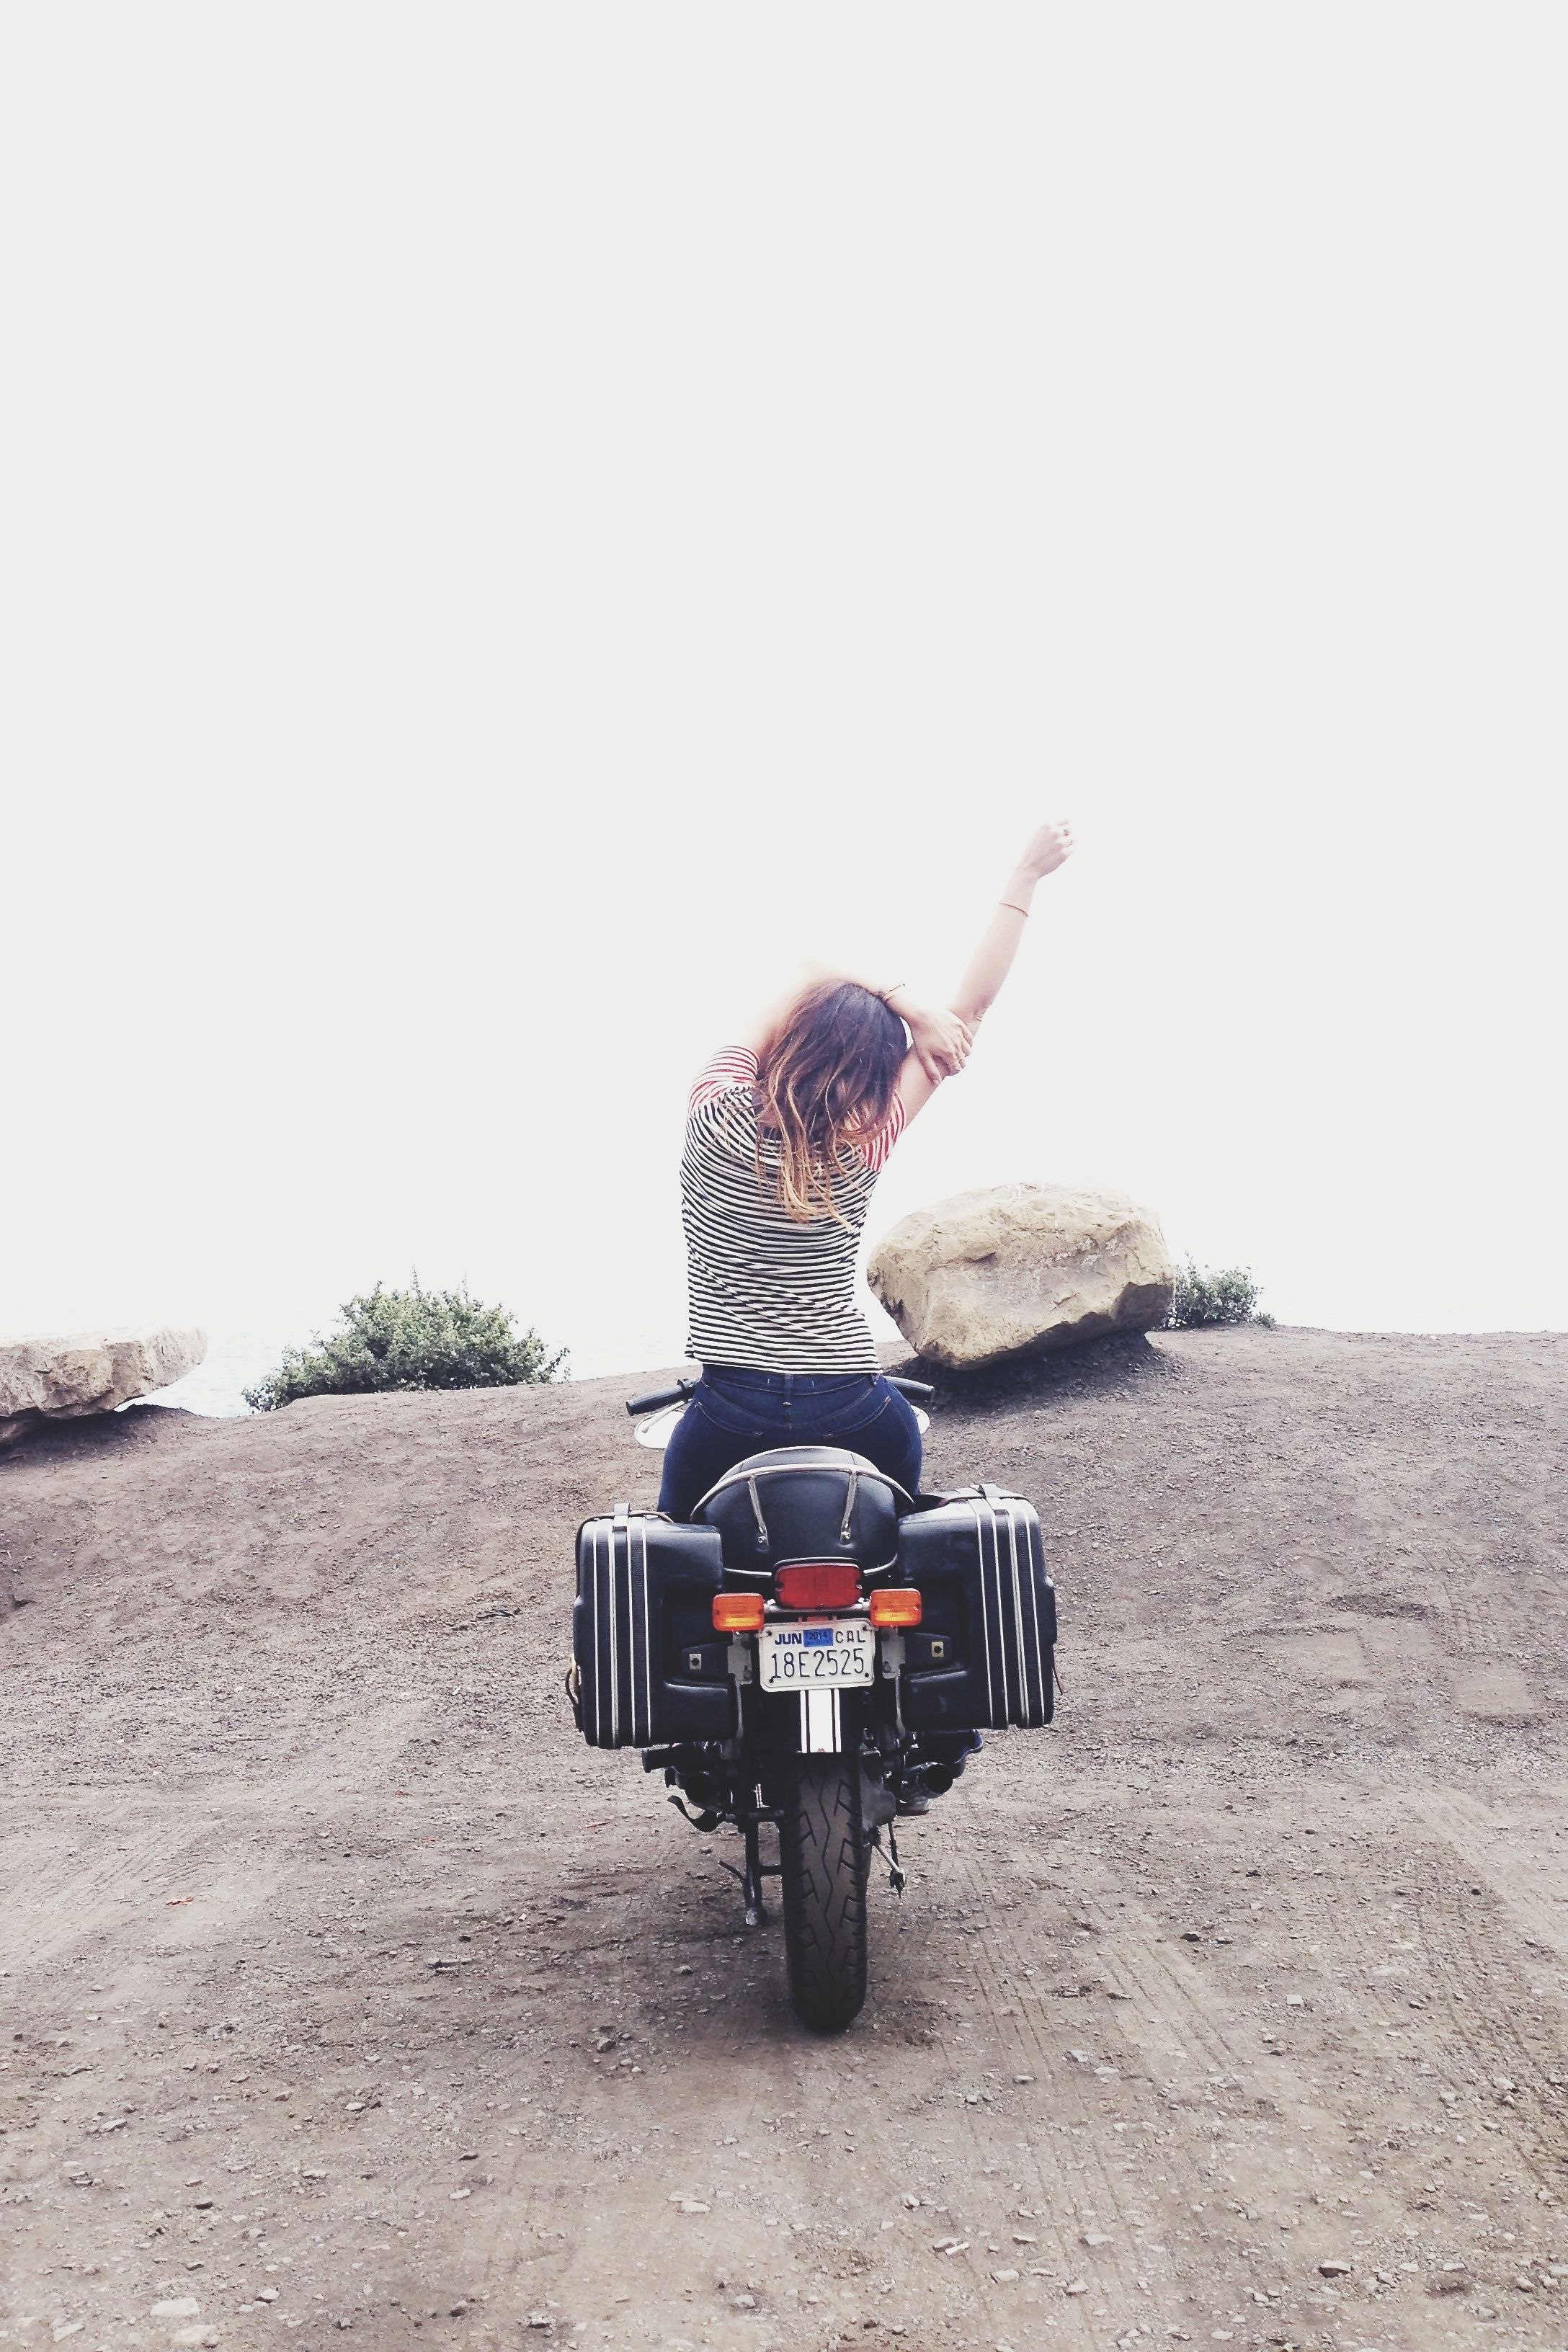 #ARITZIACLEANSLATE where's my moto jacket?